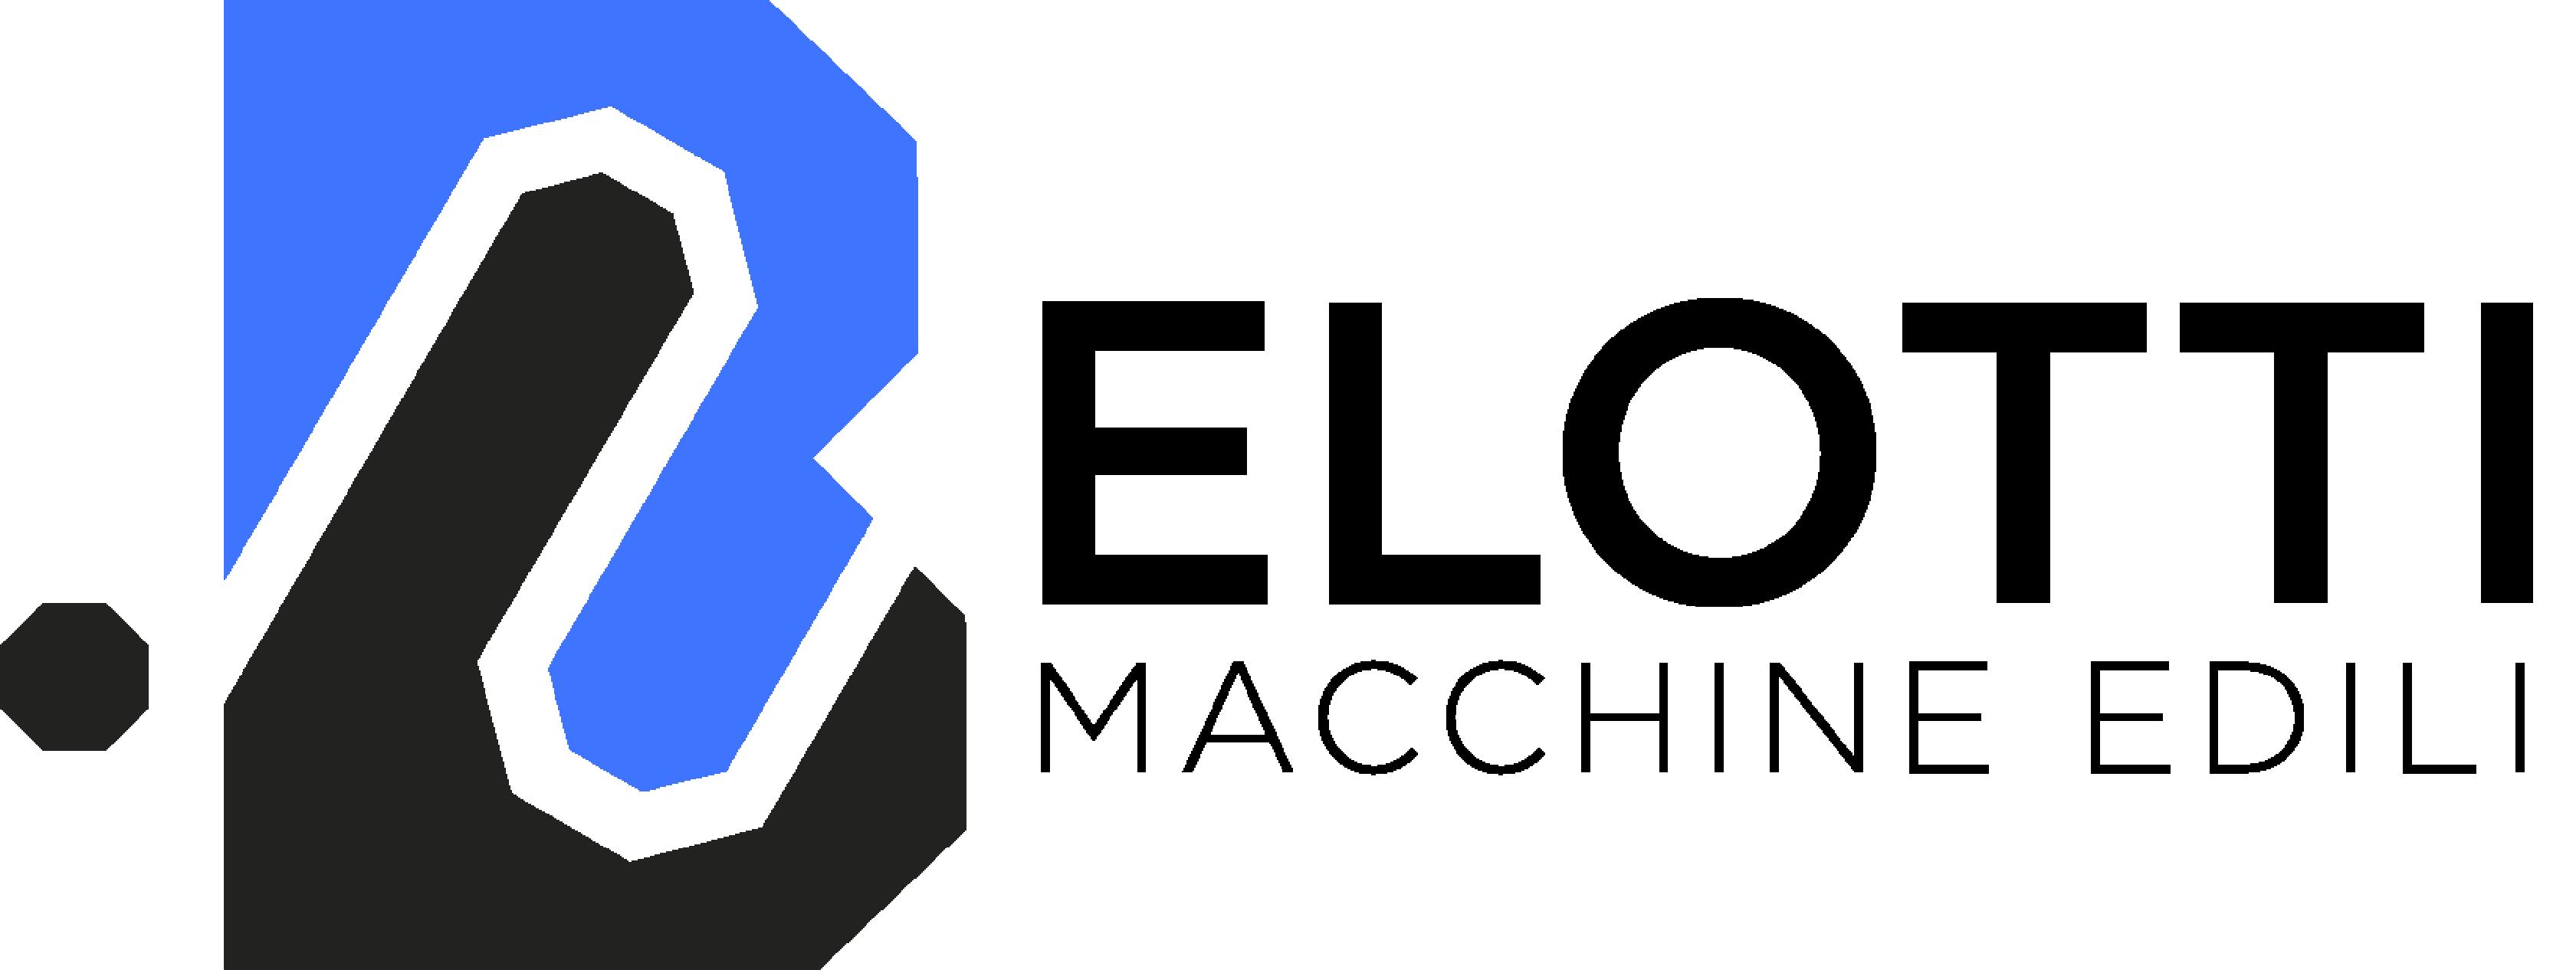 Alberto Quistini, Brand design, Belotti macchine edili logo